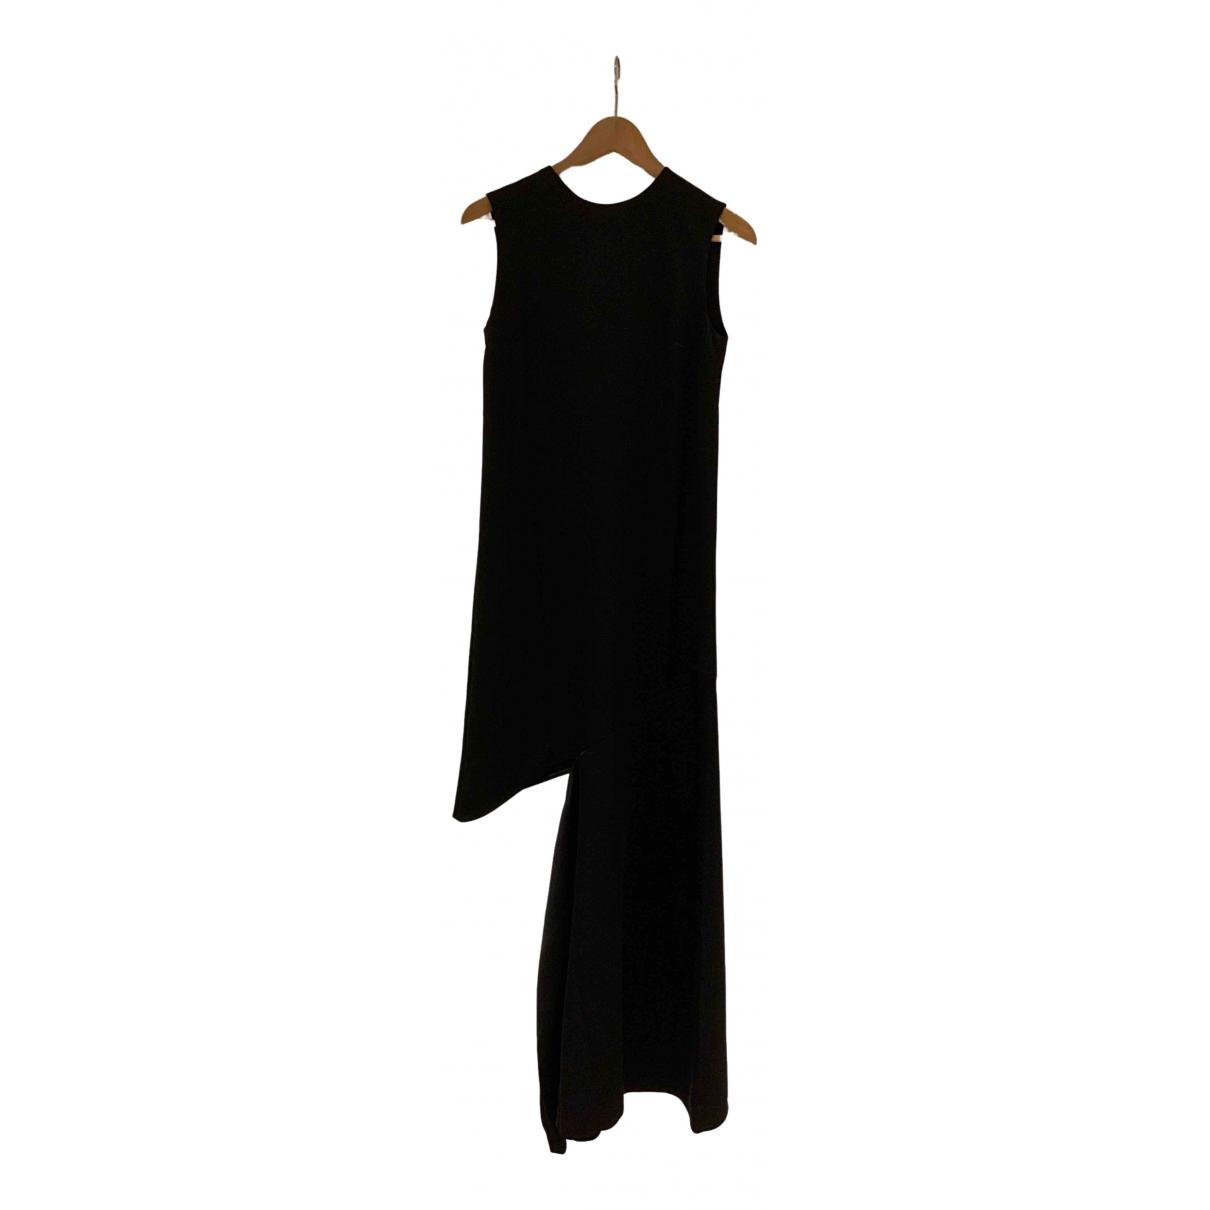 Maison Martin Margiela \N Black Silk dress for Women 36 FR